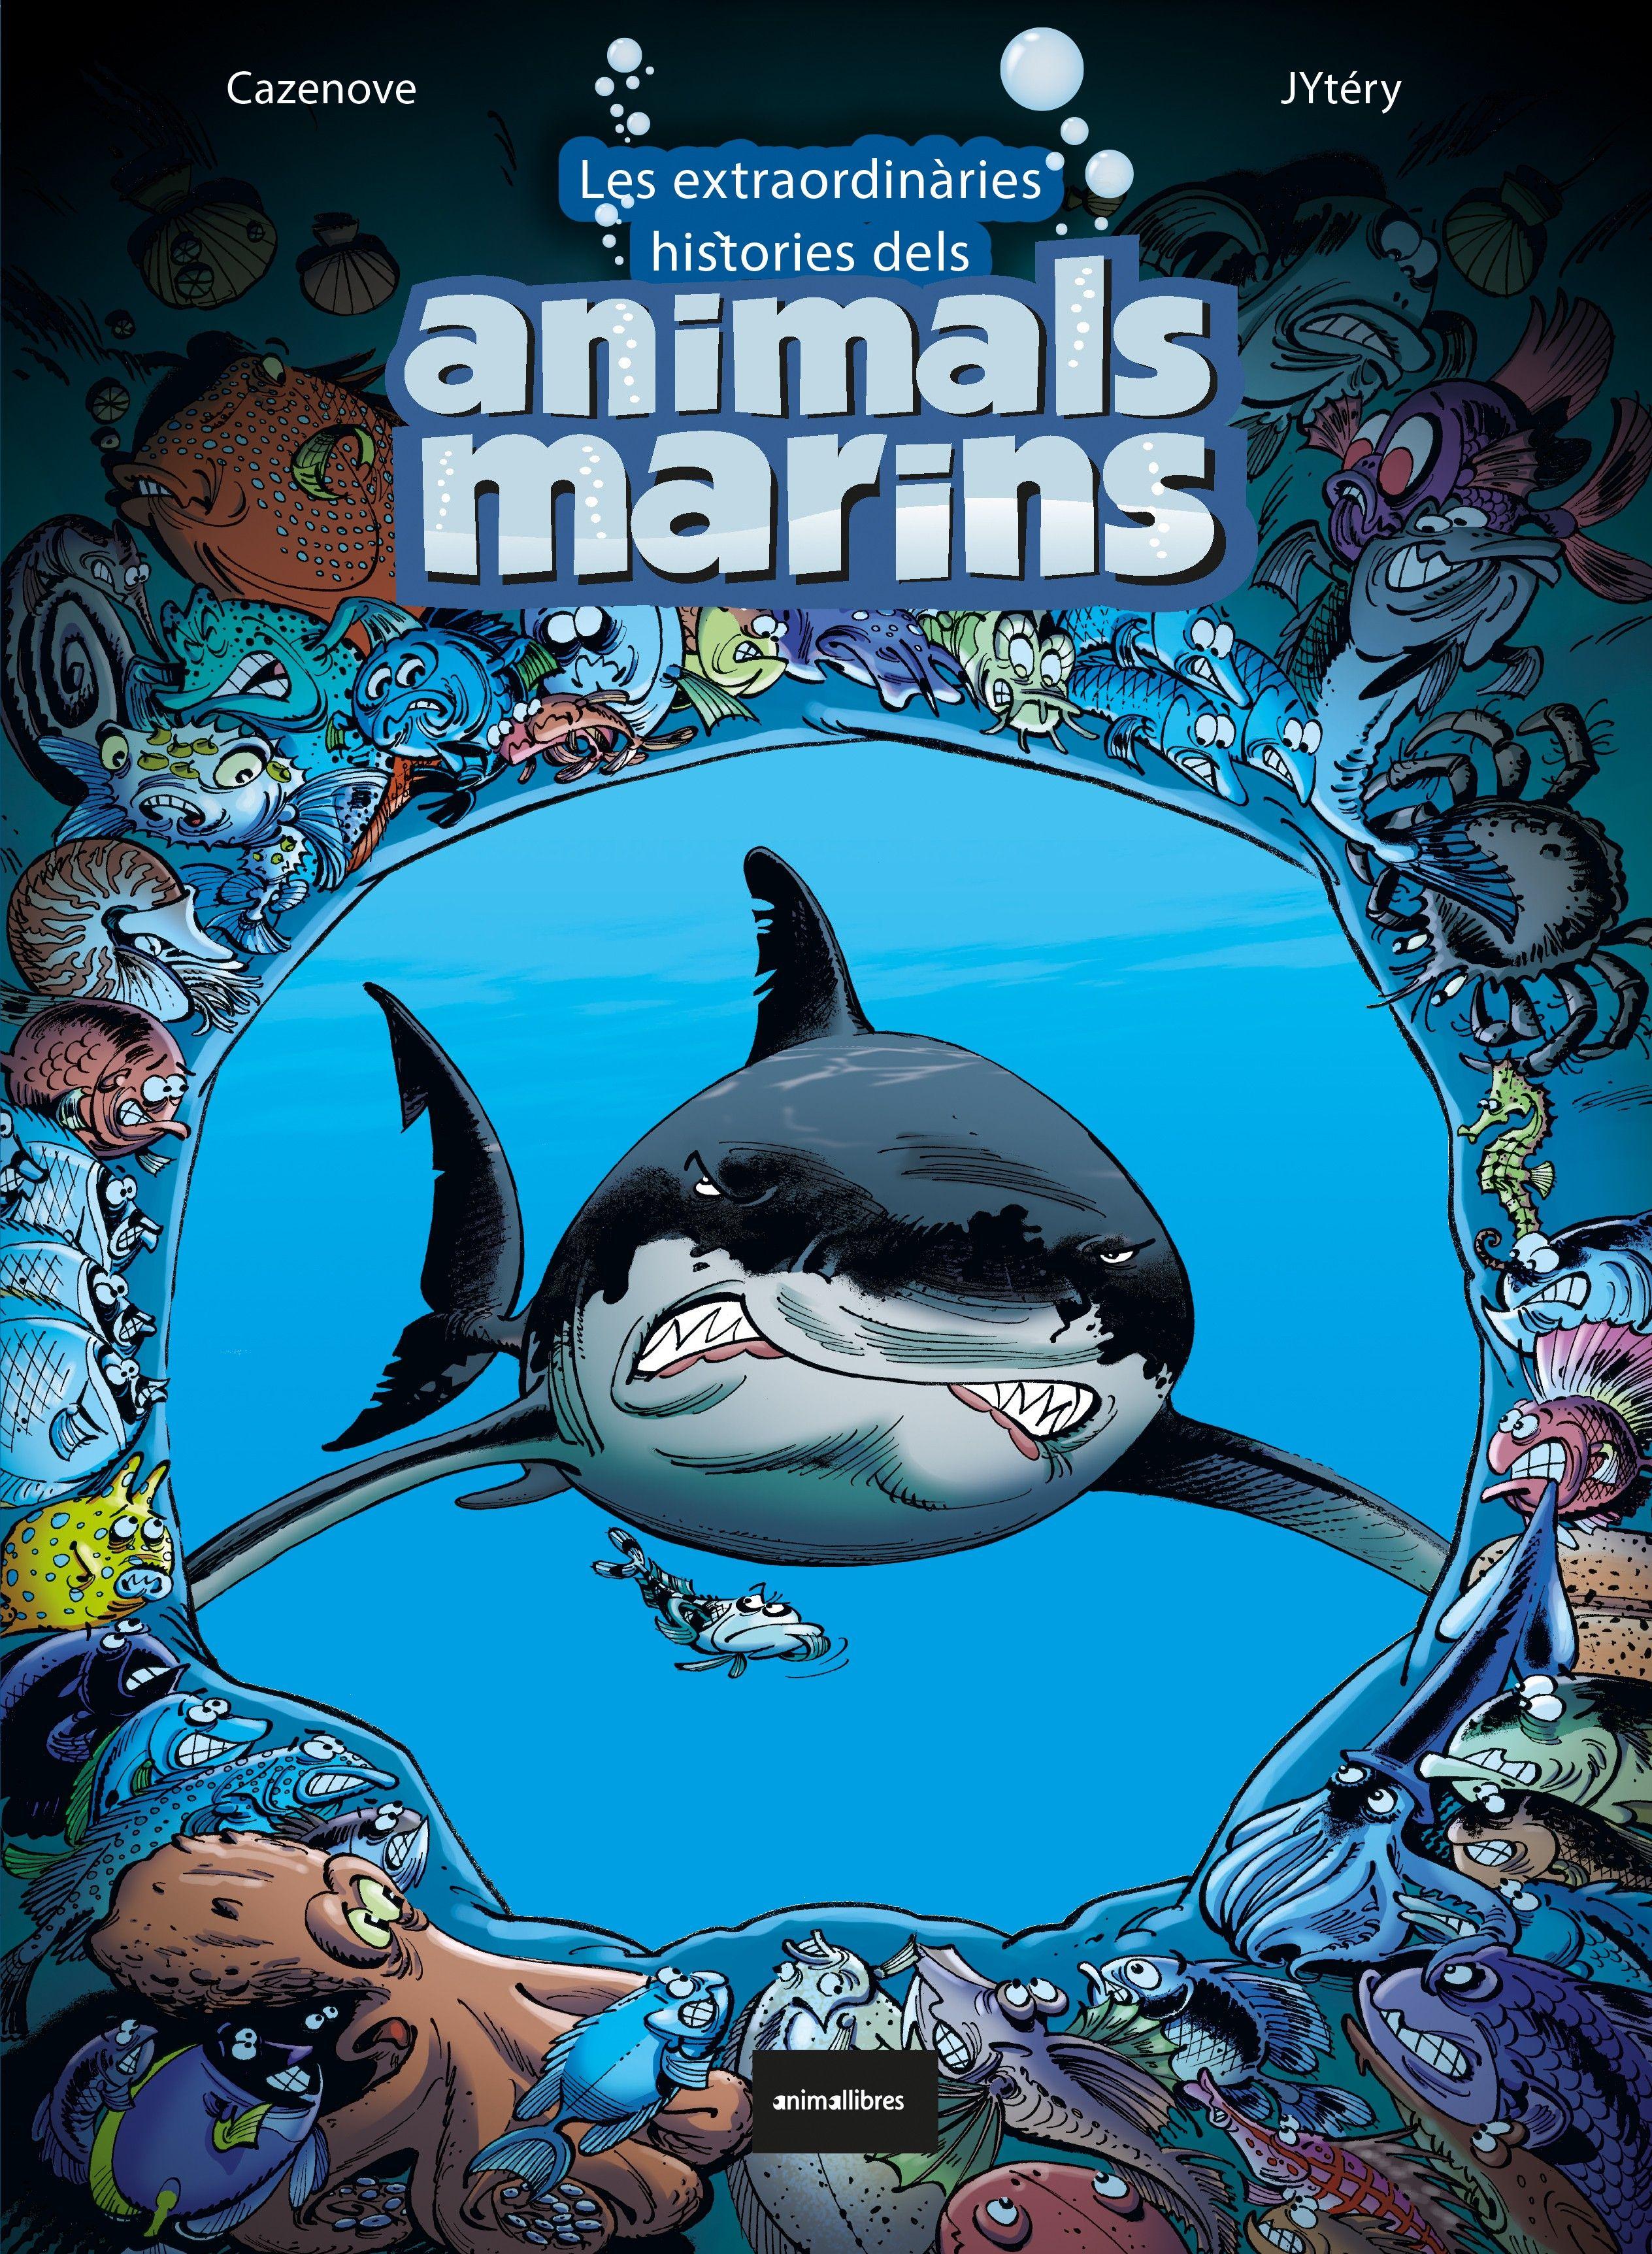 EXTRAORDINARIES HISTORIES DELS ANIMALS MARINS LES